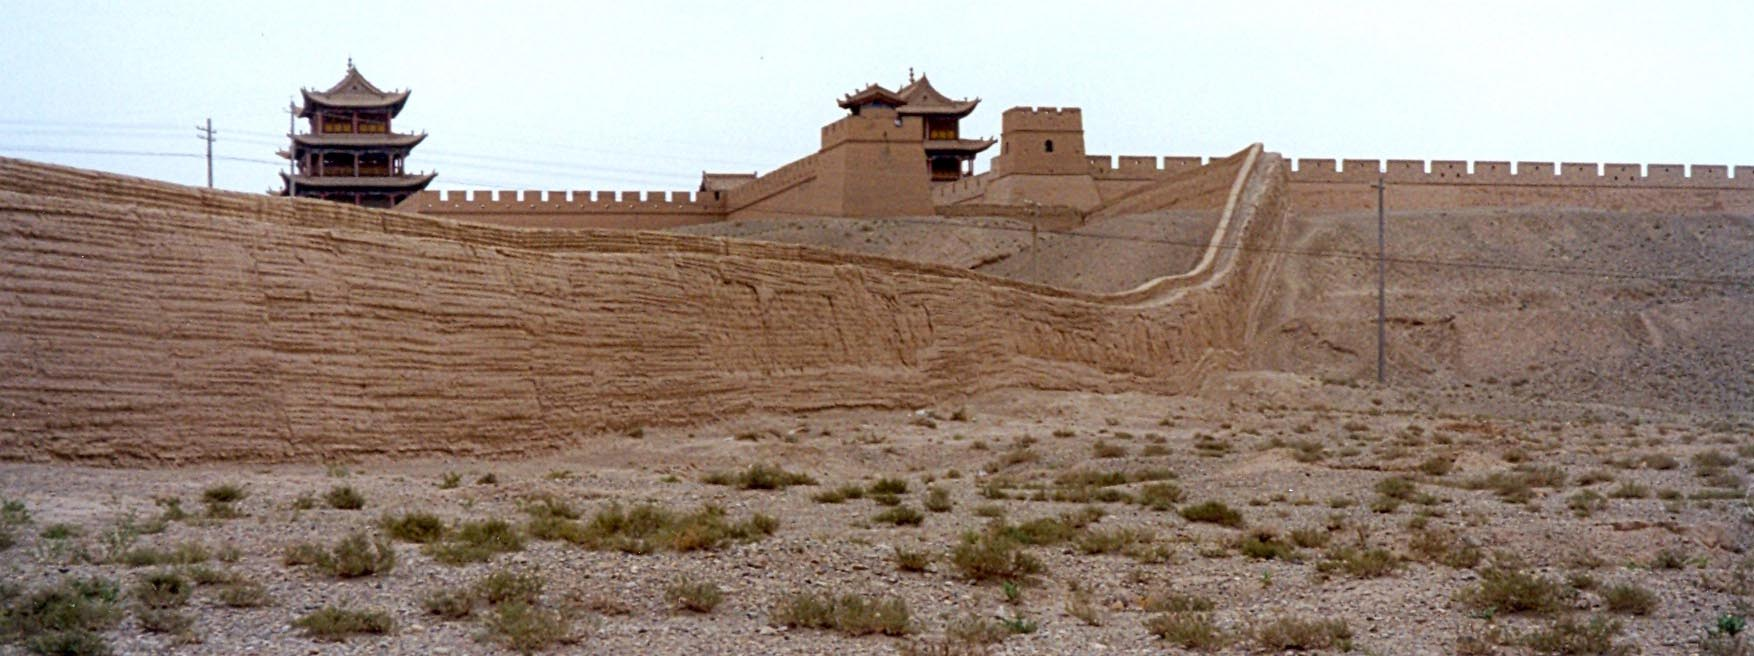 01 kineski zid naboj